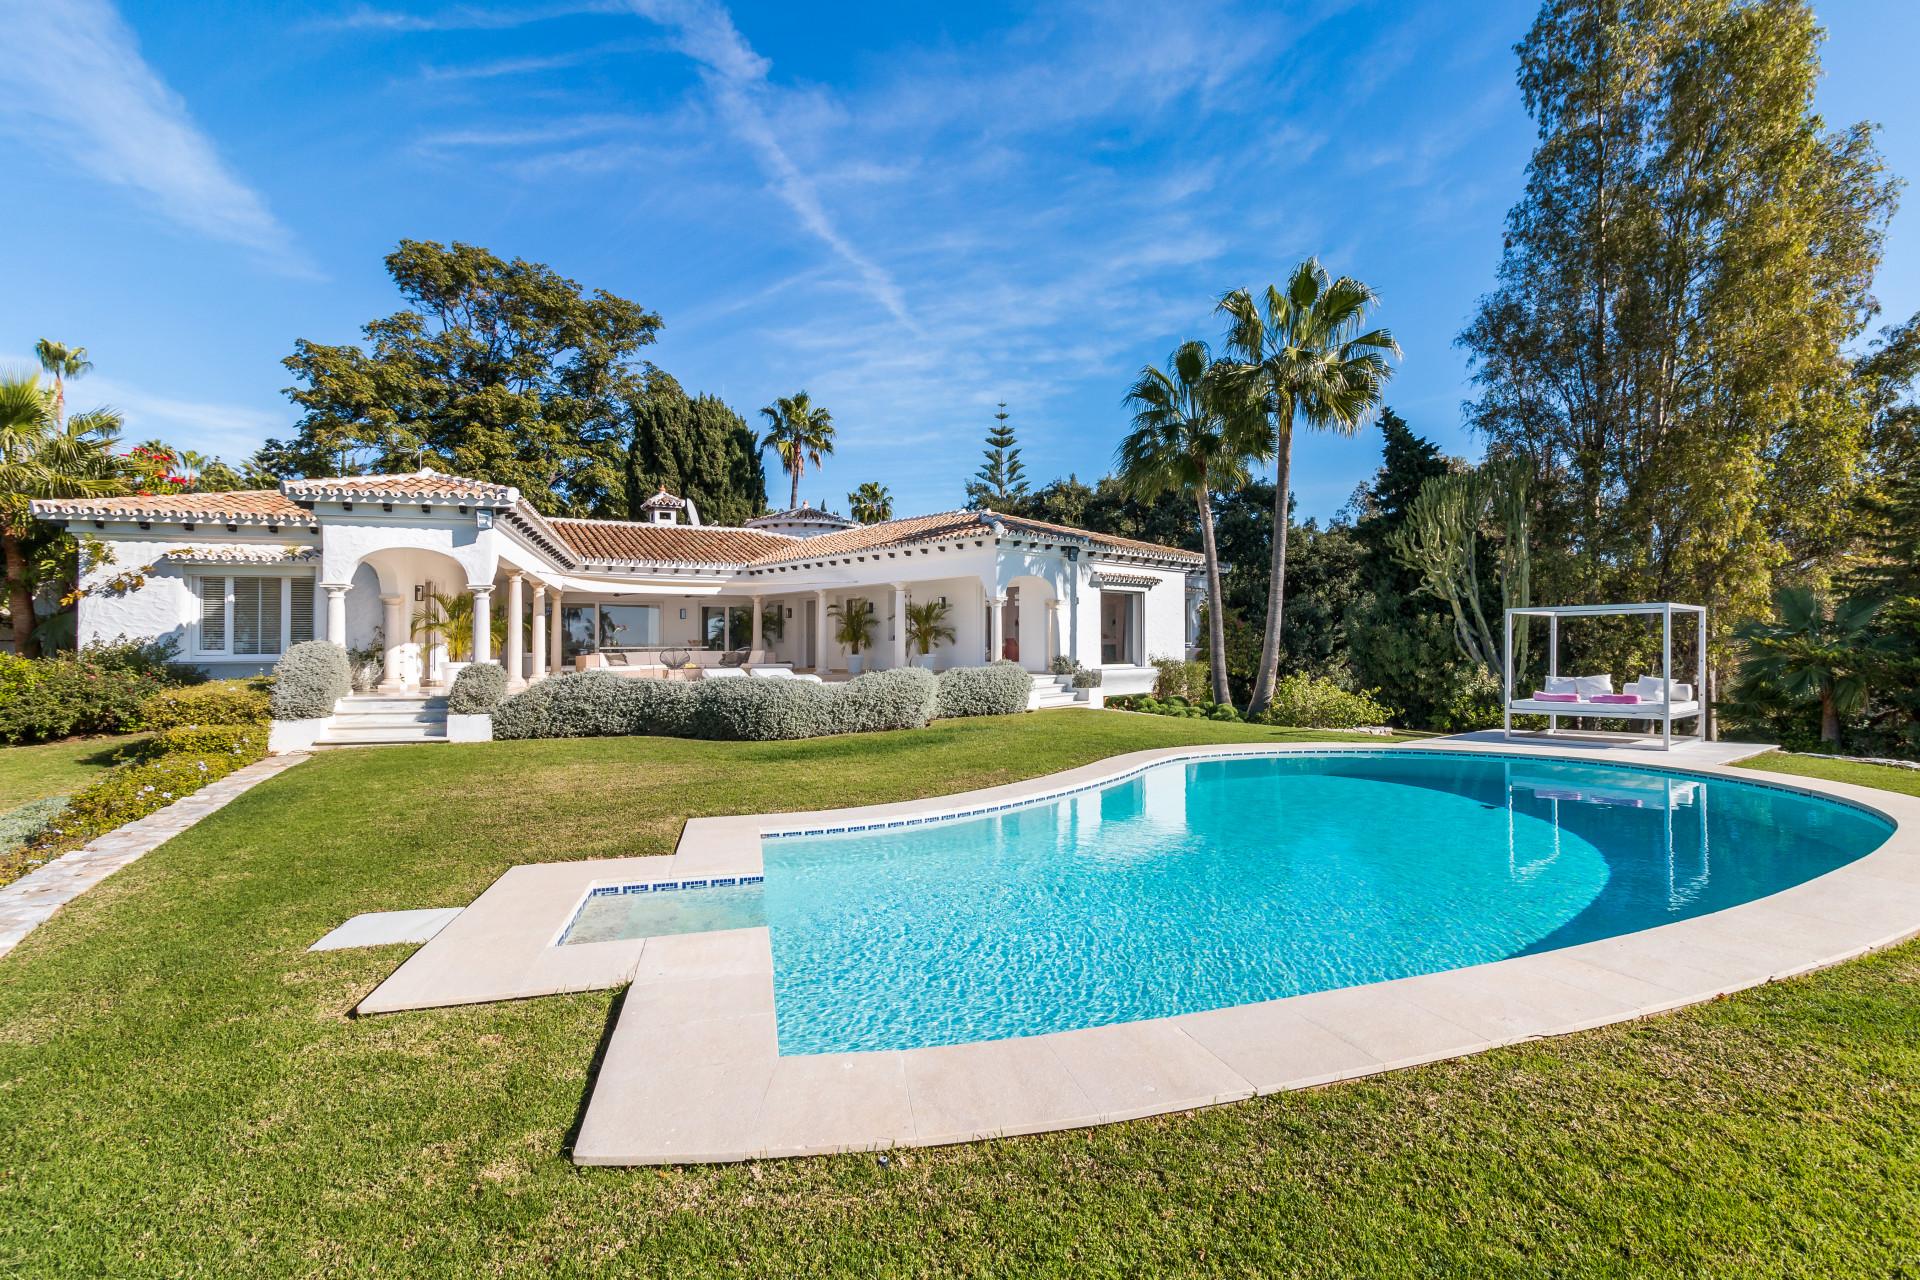 ARFV2133 - Herrschaftliche Villa zum Verkauf in toplage in Hacienda Las Chapas in Marbella